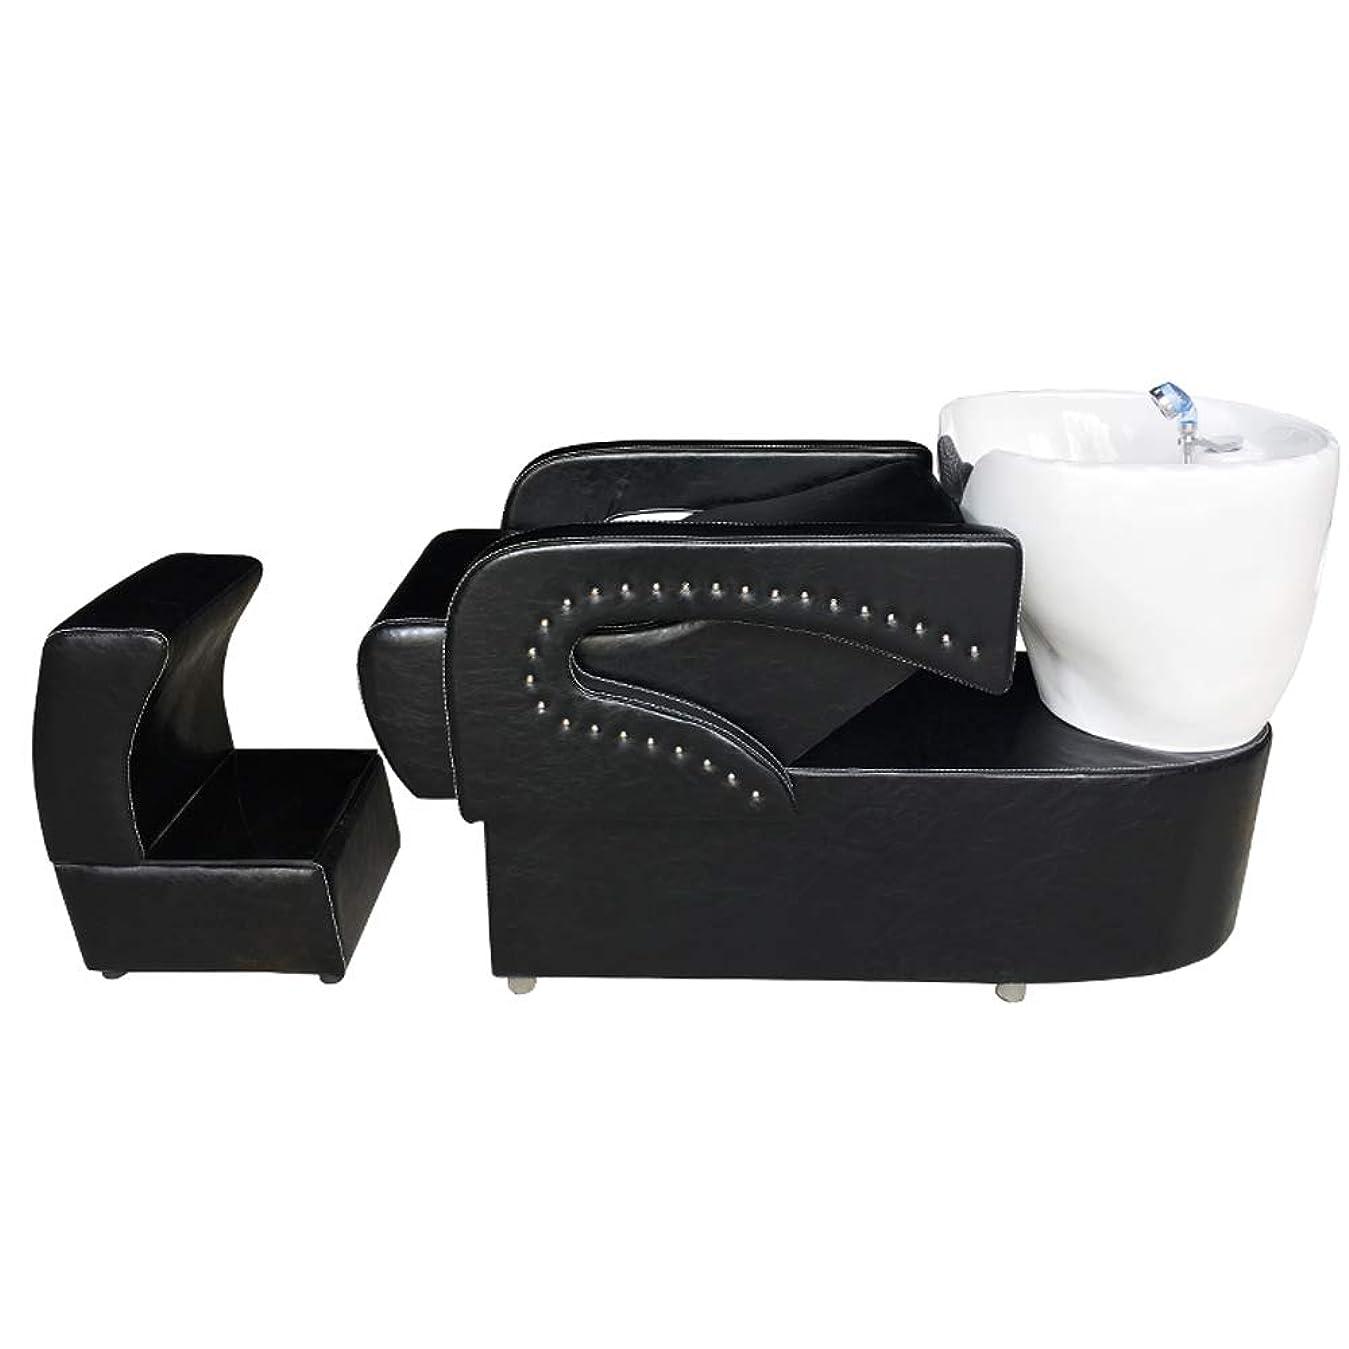 カニの間で修羅場シャンプーの理髪師の逆洗の椅子、鉱泉の美容院のためのシャンプーボールの流しの椅子は半くぼみのフラッシュベッドを流します